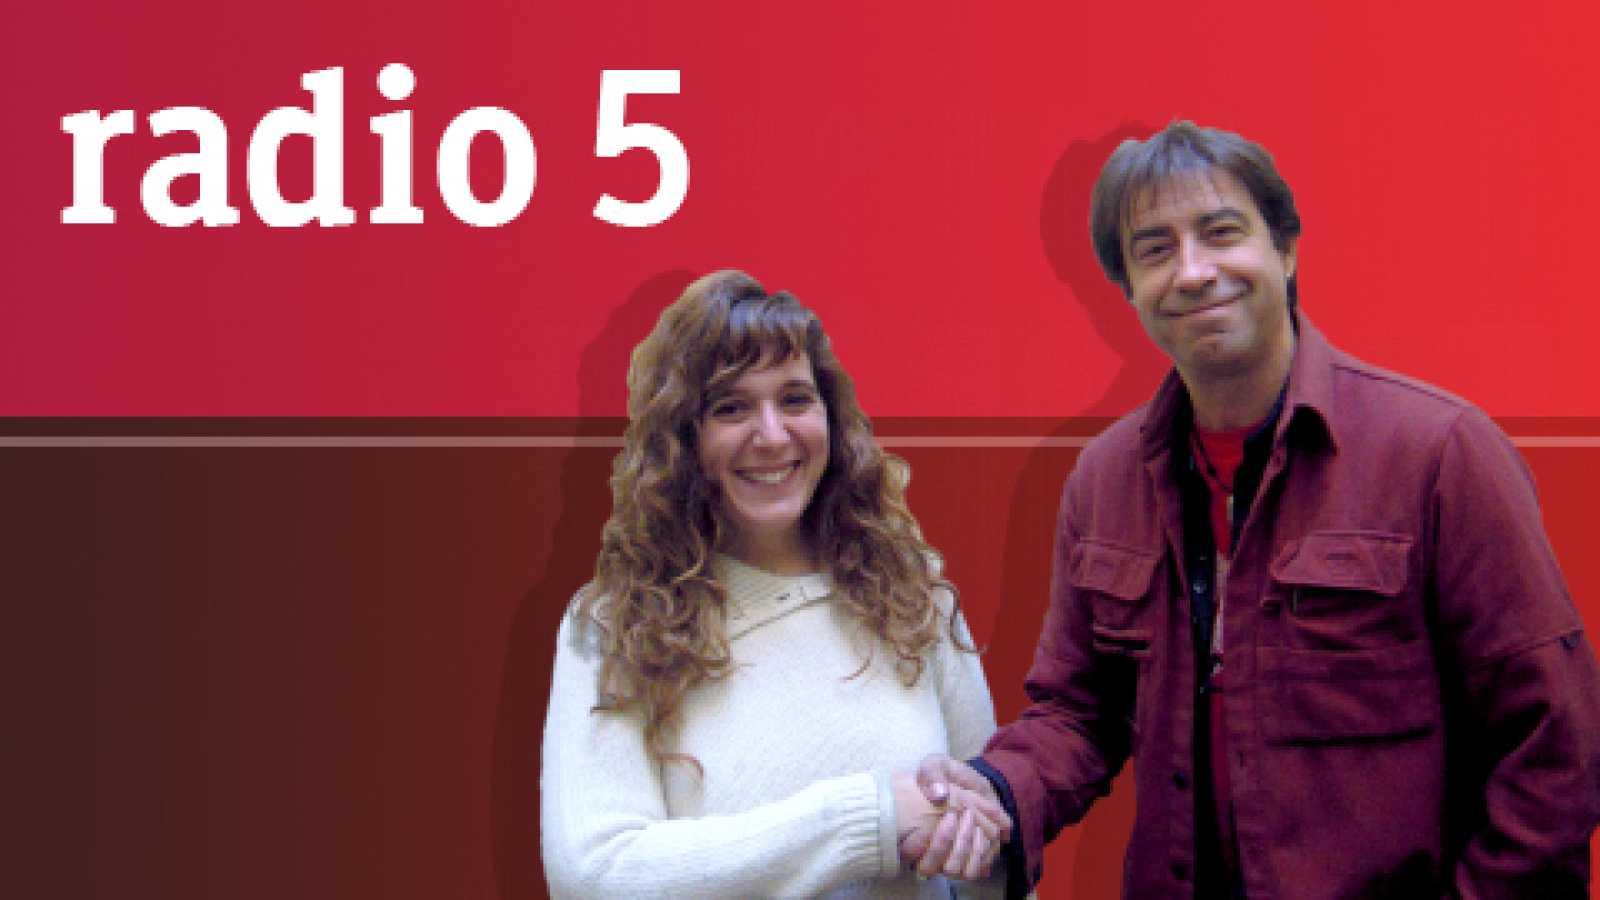 Mediacción - Inquilinos - 23/03/15 - escuchar ahora